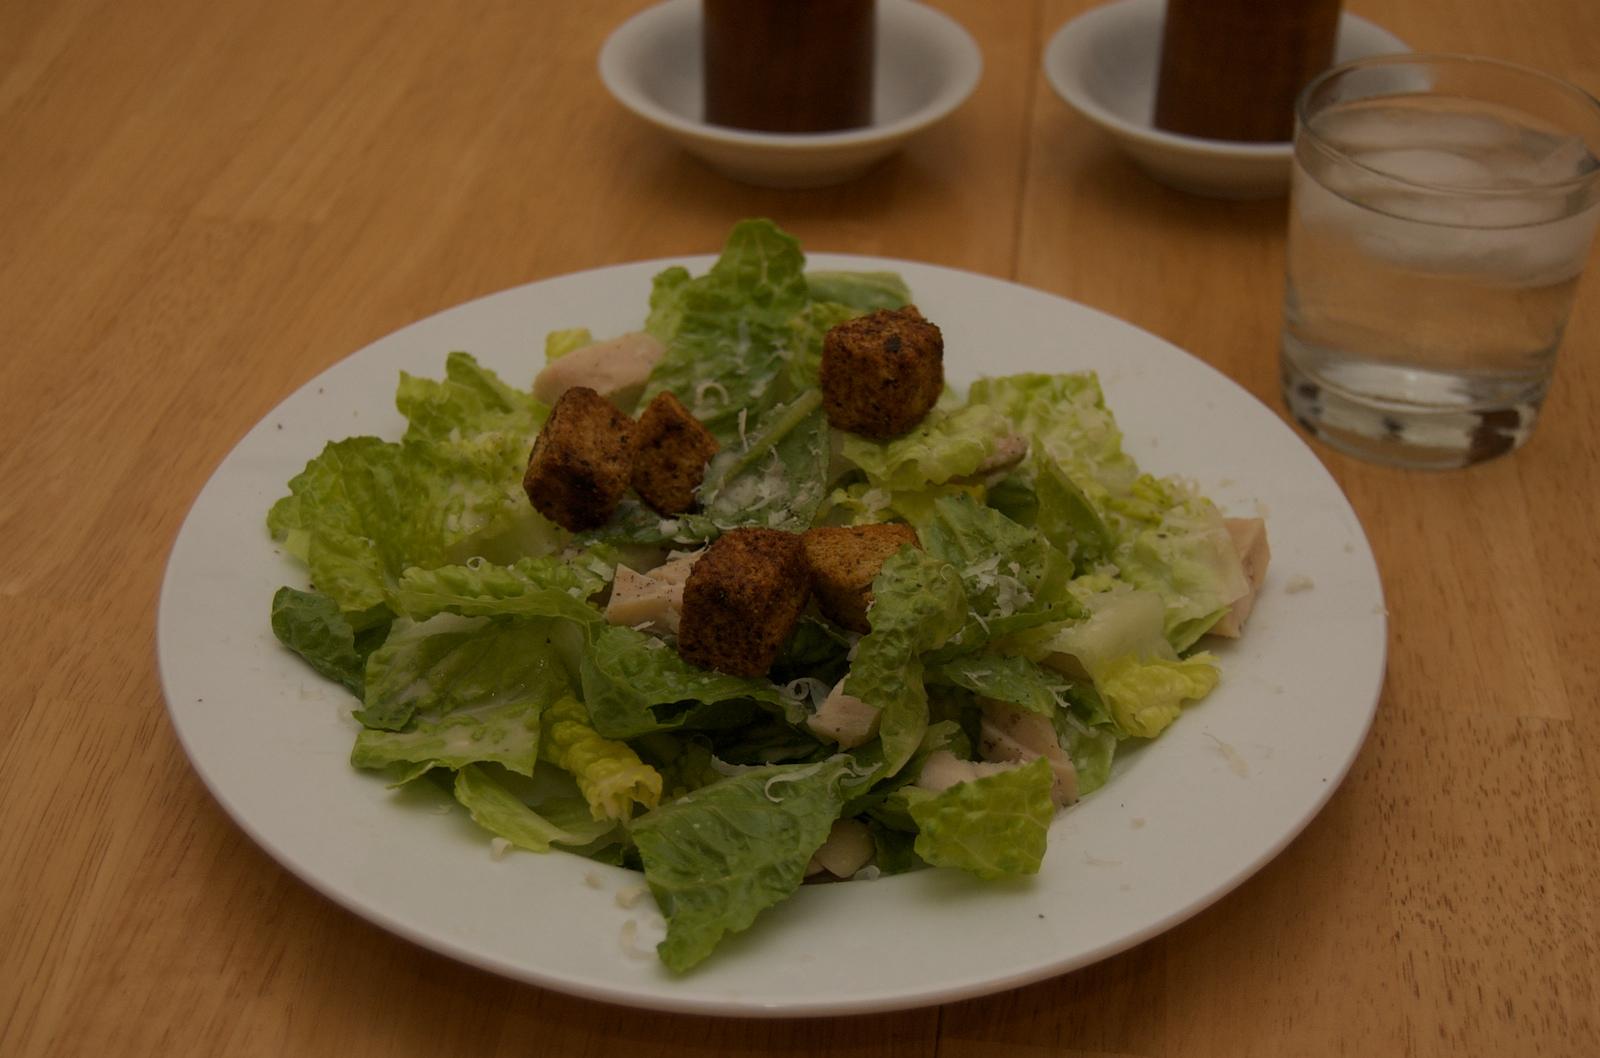 http://blog.rickk.com/food/2010/04/08/salad11.jpg